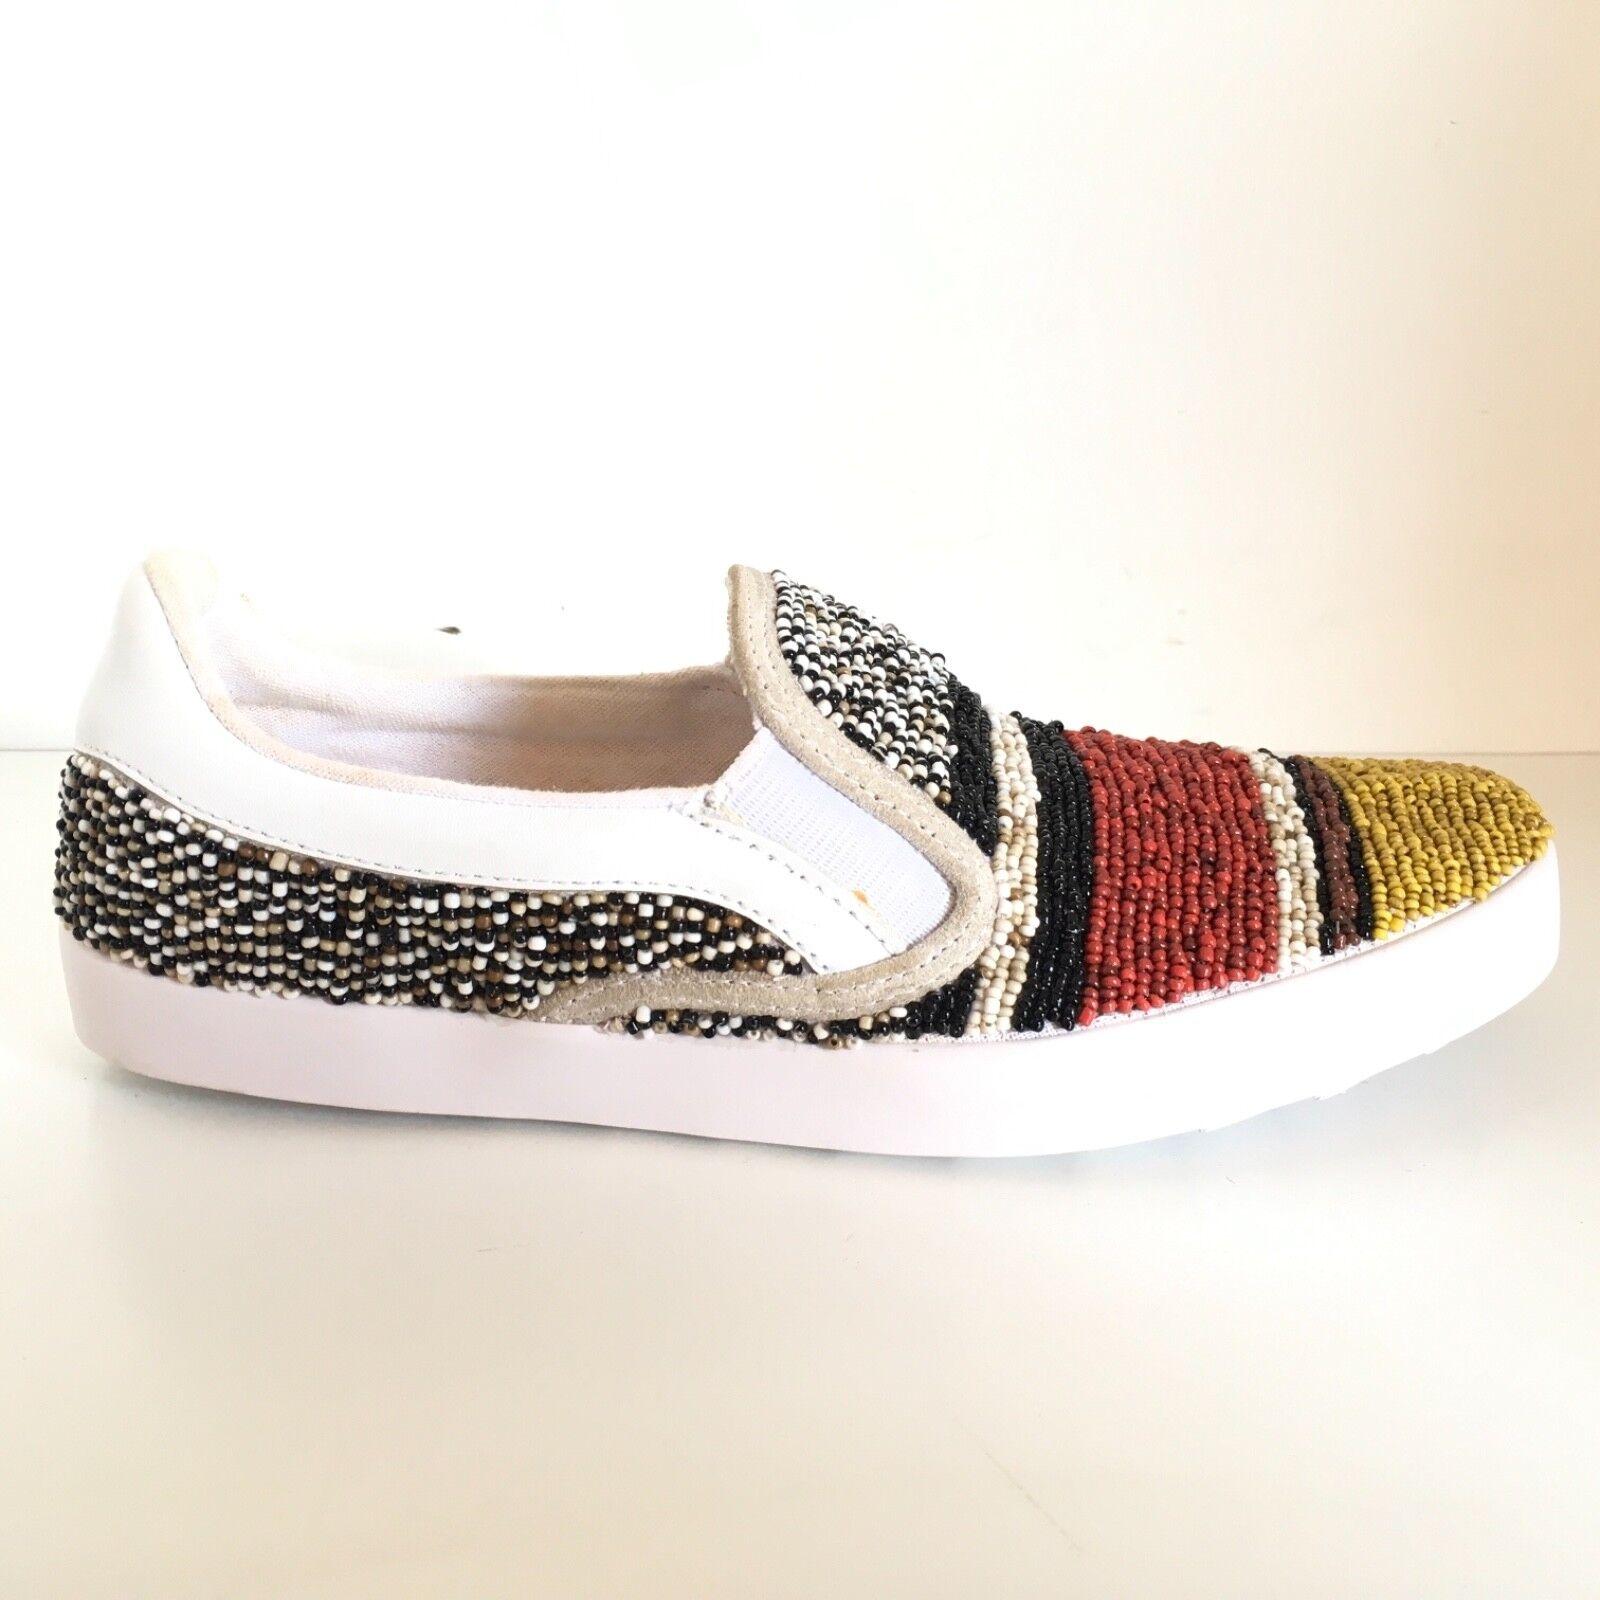 MALIPARMI scarpe Scarpe n. 36 donna woman MALW51 multicolore tessuto punta gialla